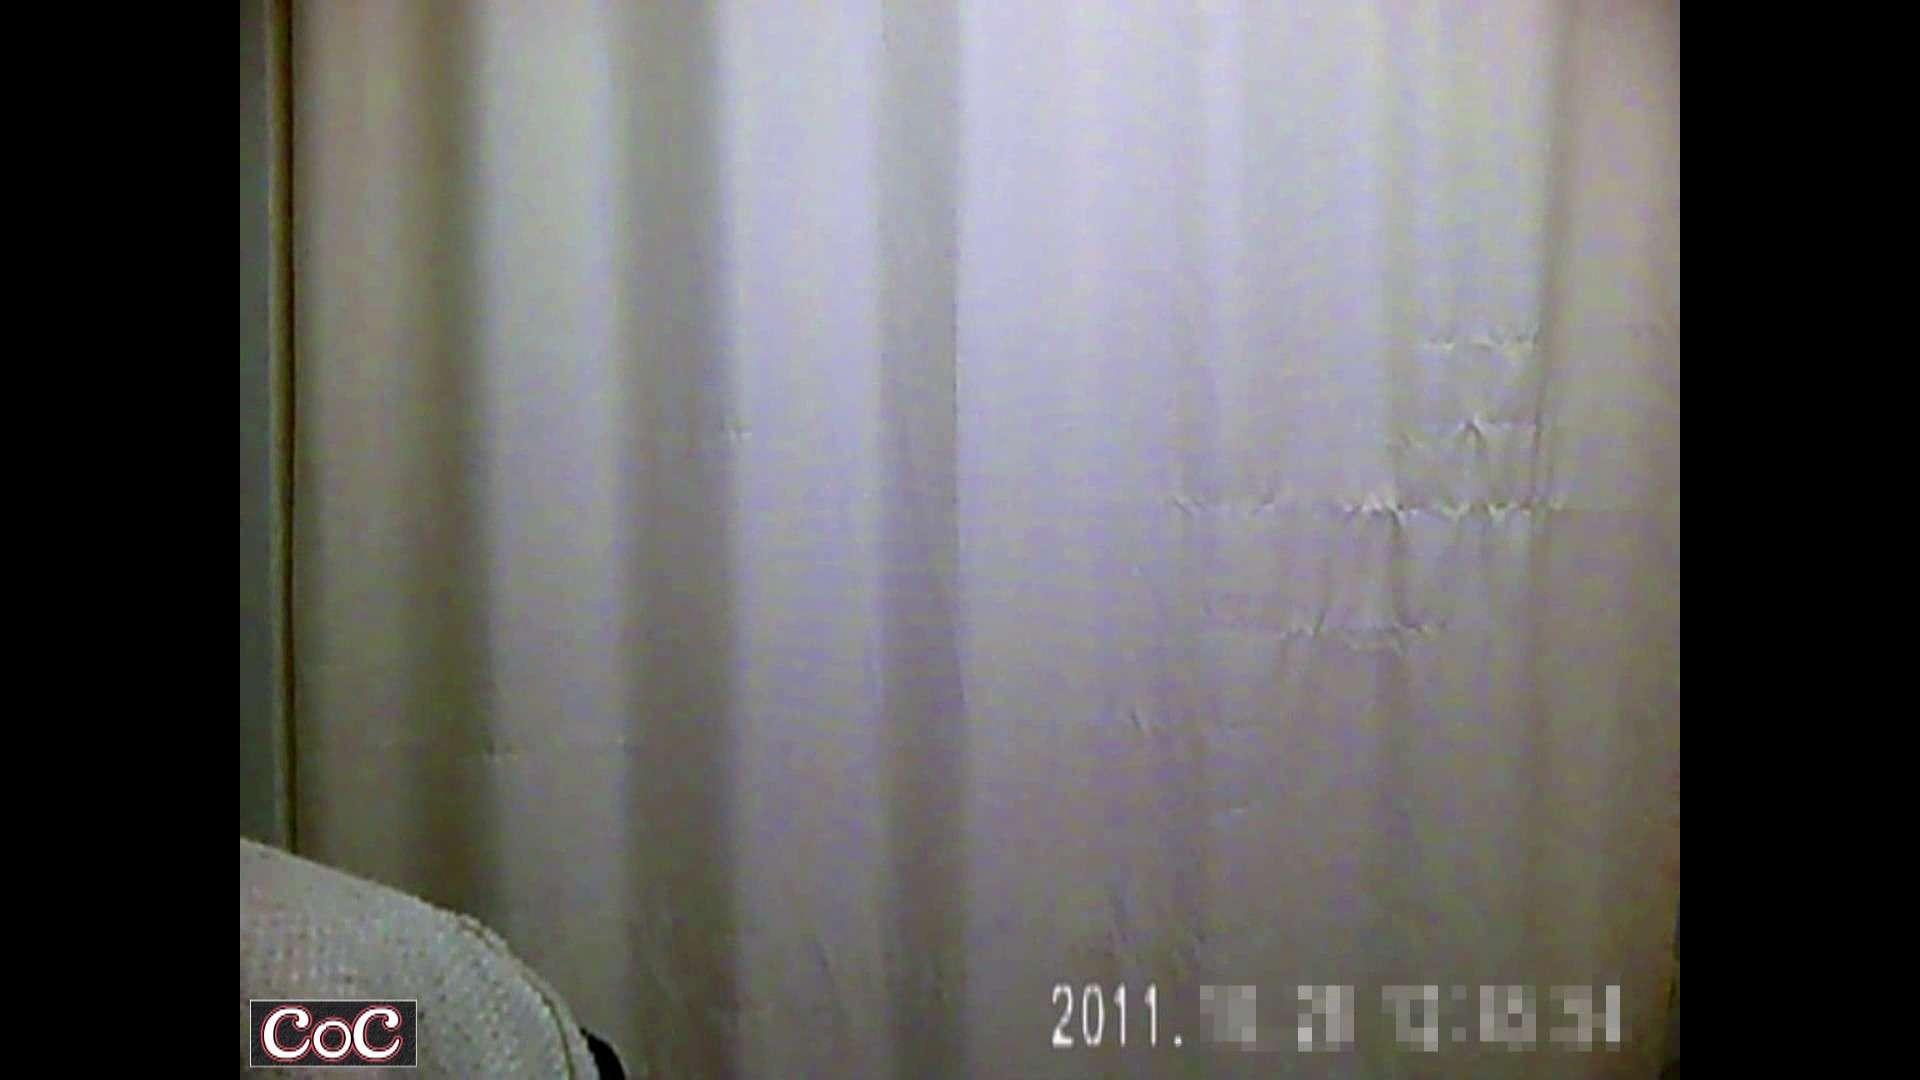 病院おもいっきり着替え! vol.75 OLエロ画像 隠し撮りセックス画像 86PICs 65